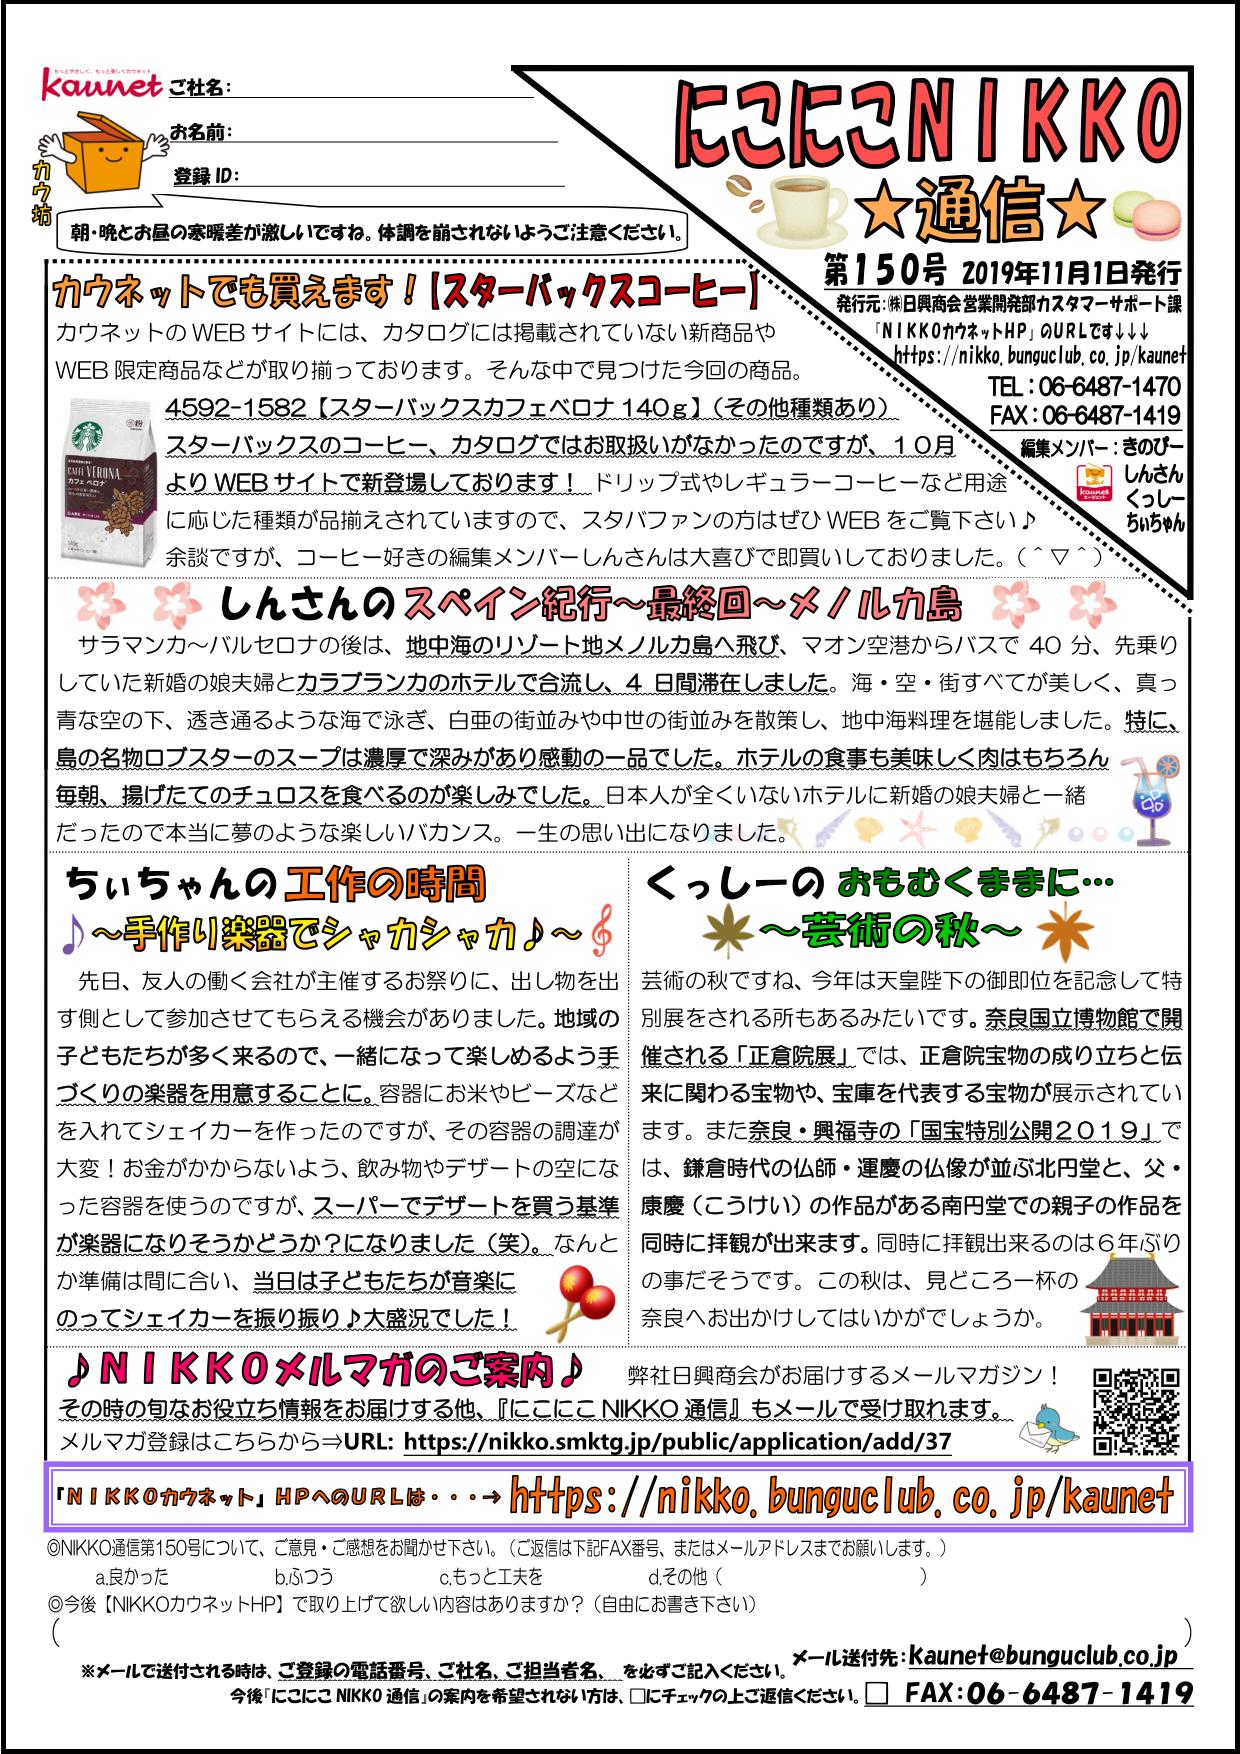 201911月発行第150回NIKKOレター-ii